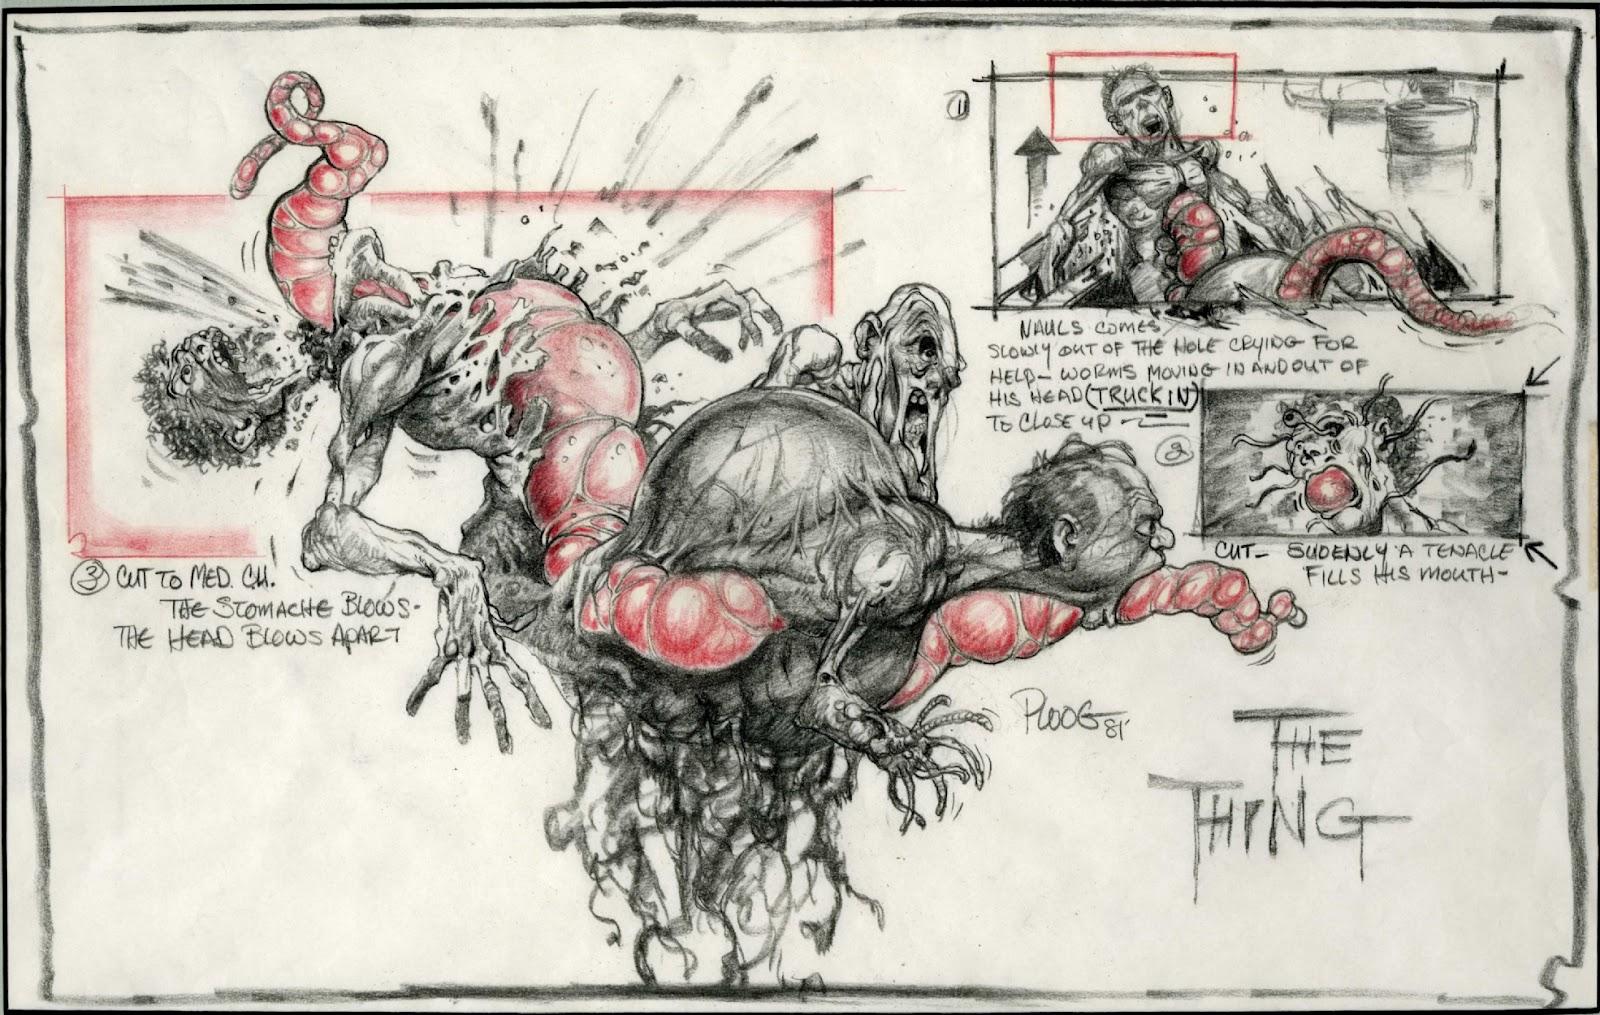 - Ploog Blair Monster concept art - The Thing (1982).jpg   The Thing ... The Thing 1982 Blair Monster